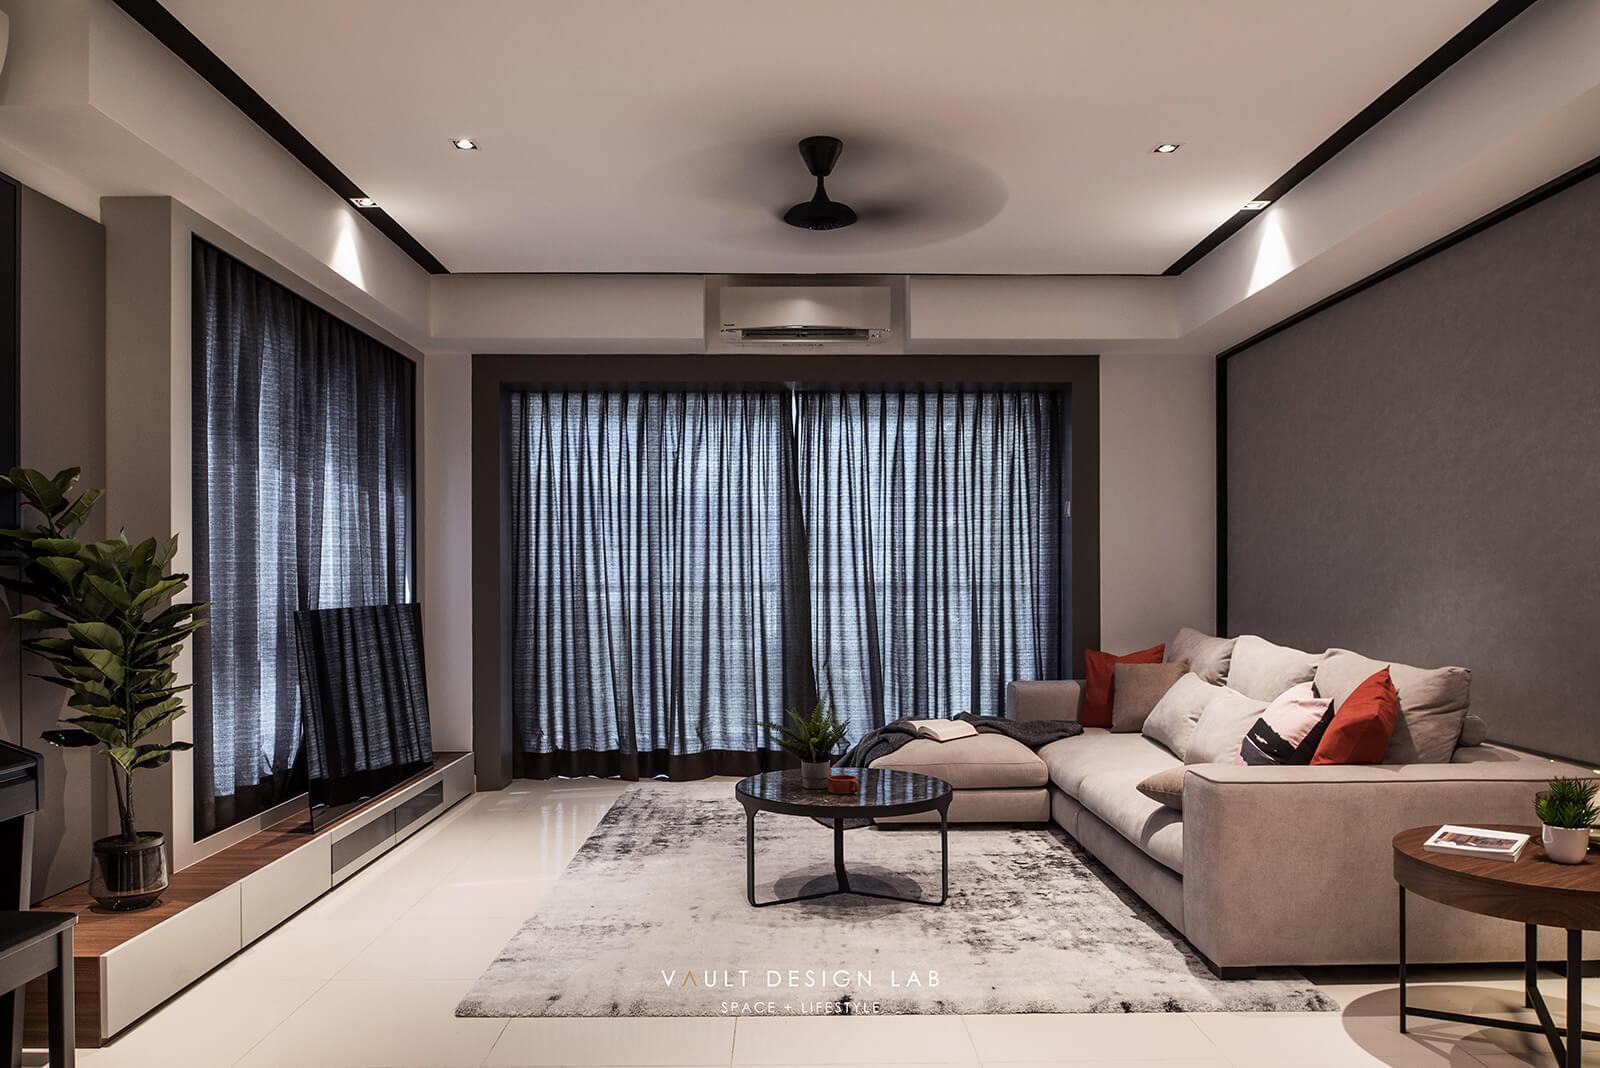 Interior Design Platino Luxury Condominium Penang Malaysia Living Room Design V2 Vault Design Lab